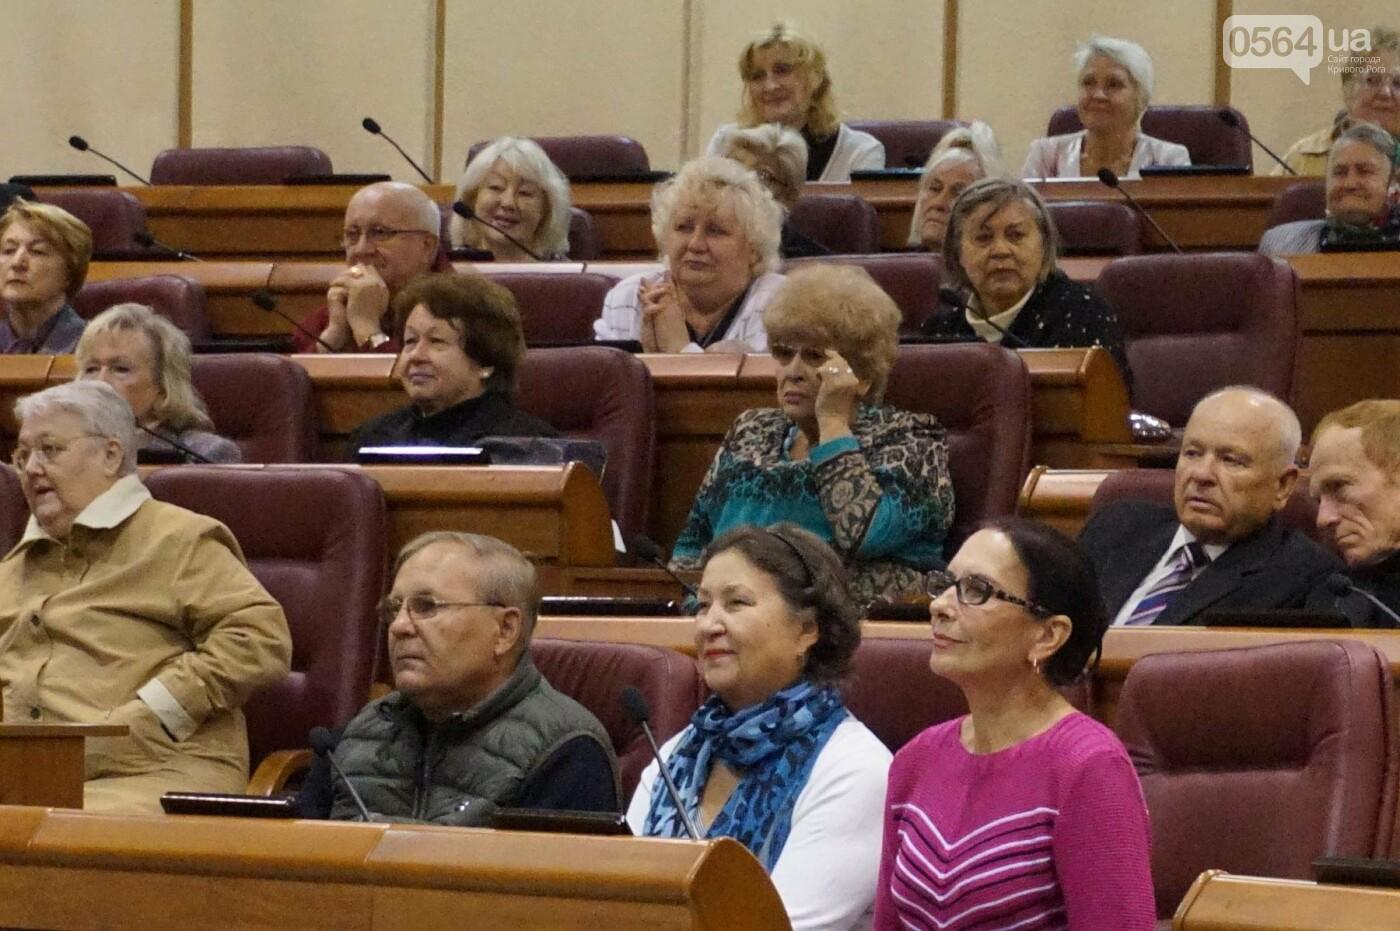 Экс-сотрудников Криворожского горисполкома поздравили с Днем пожилых людей (ФОТО), фото-11